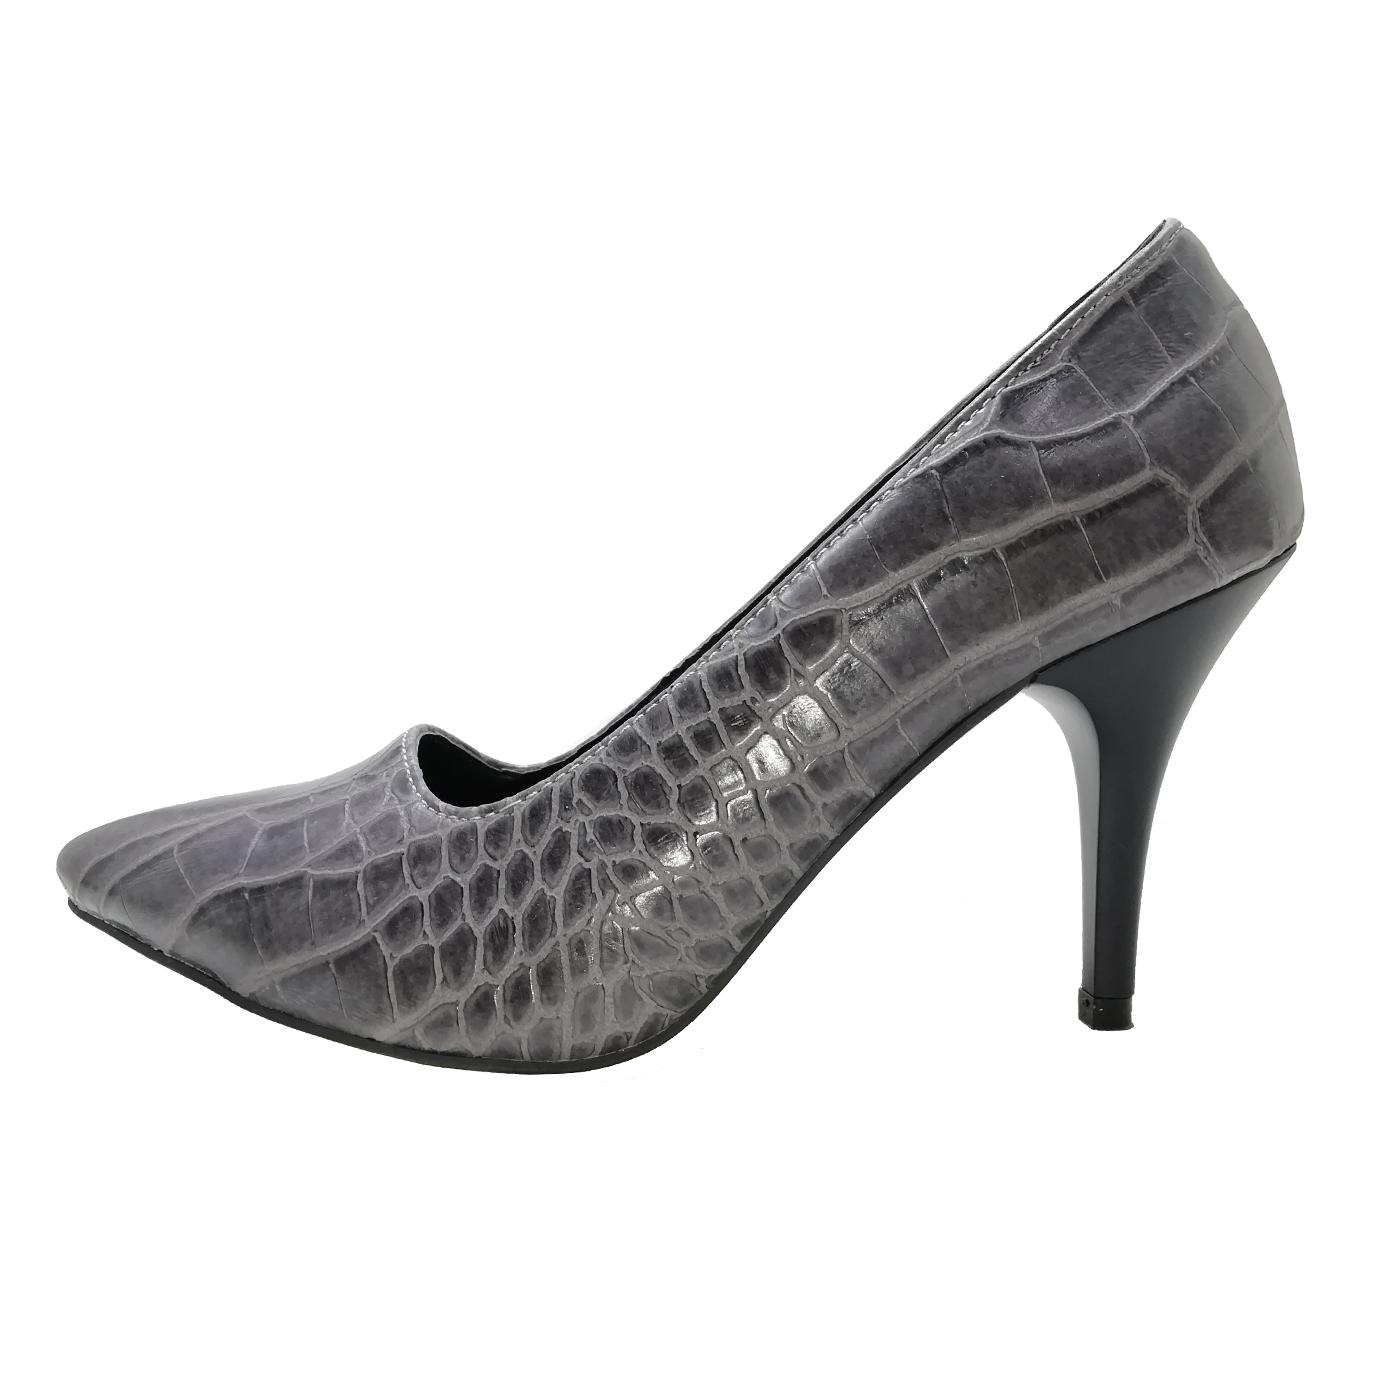 کفش زنانه پریما مدل MJ - 765c